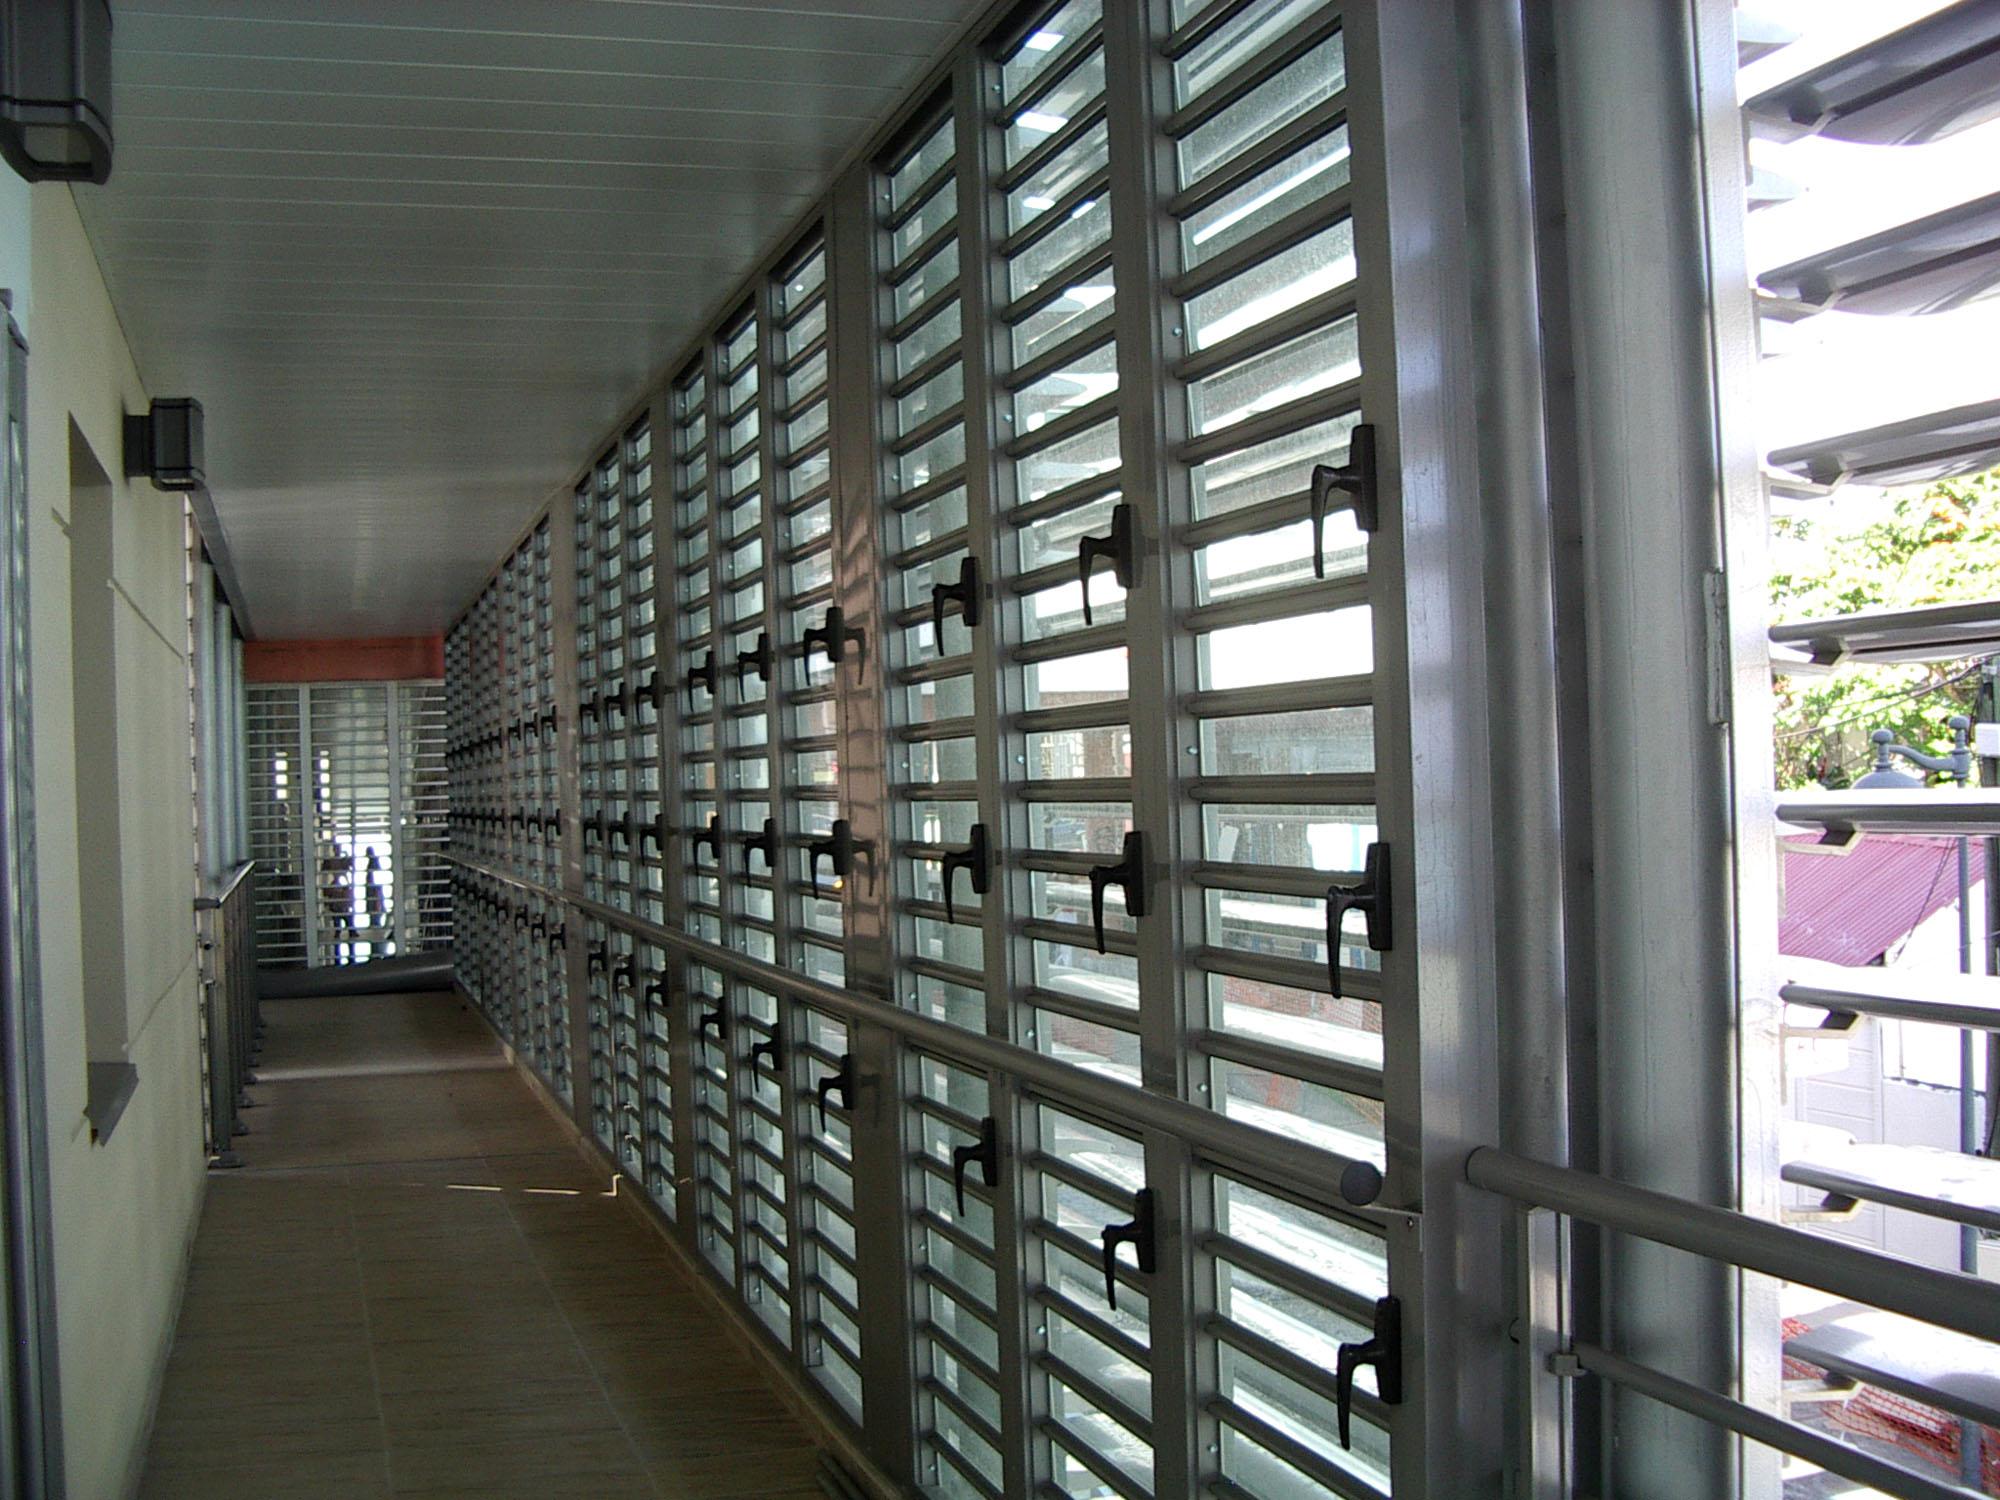 Jx jalousie mixte lames orientables verre et aluminium for Jalousie de fenetre